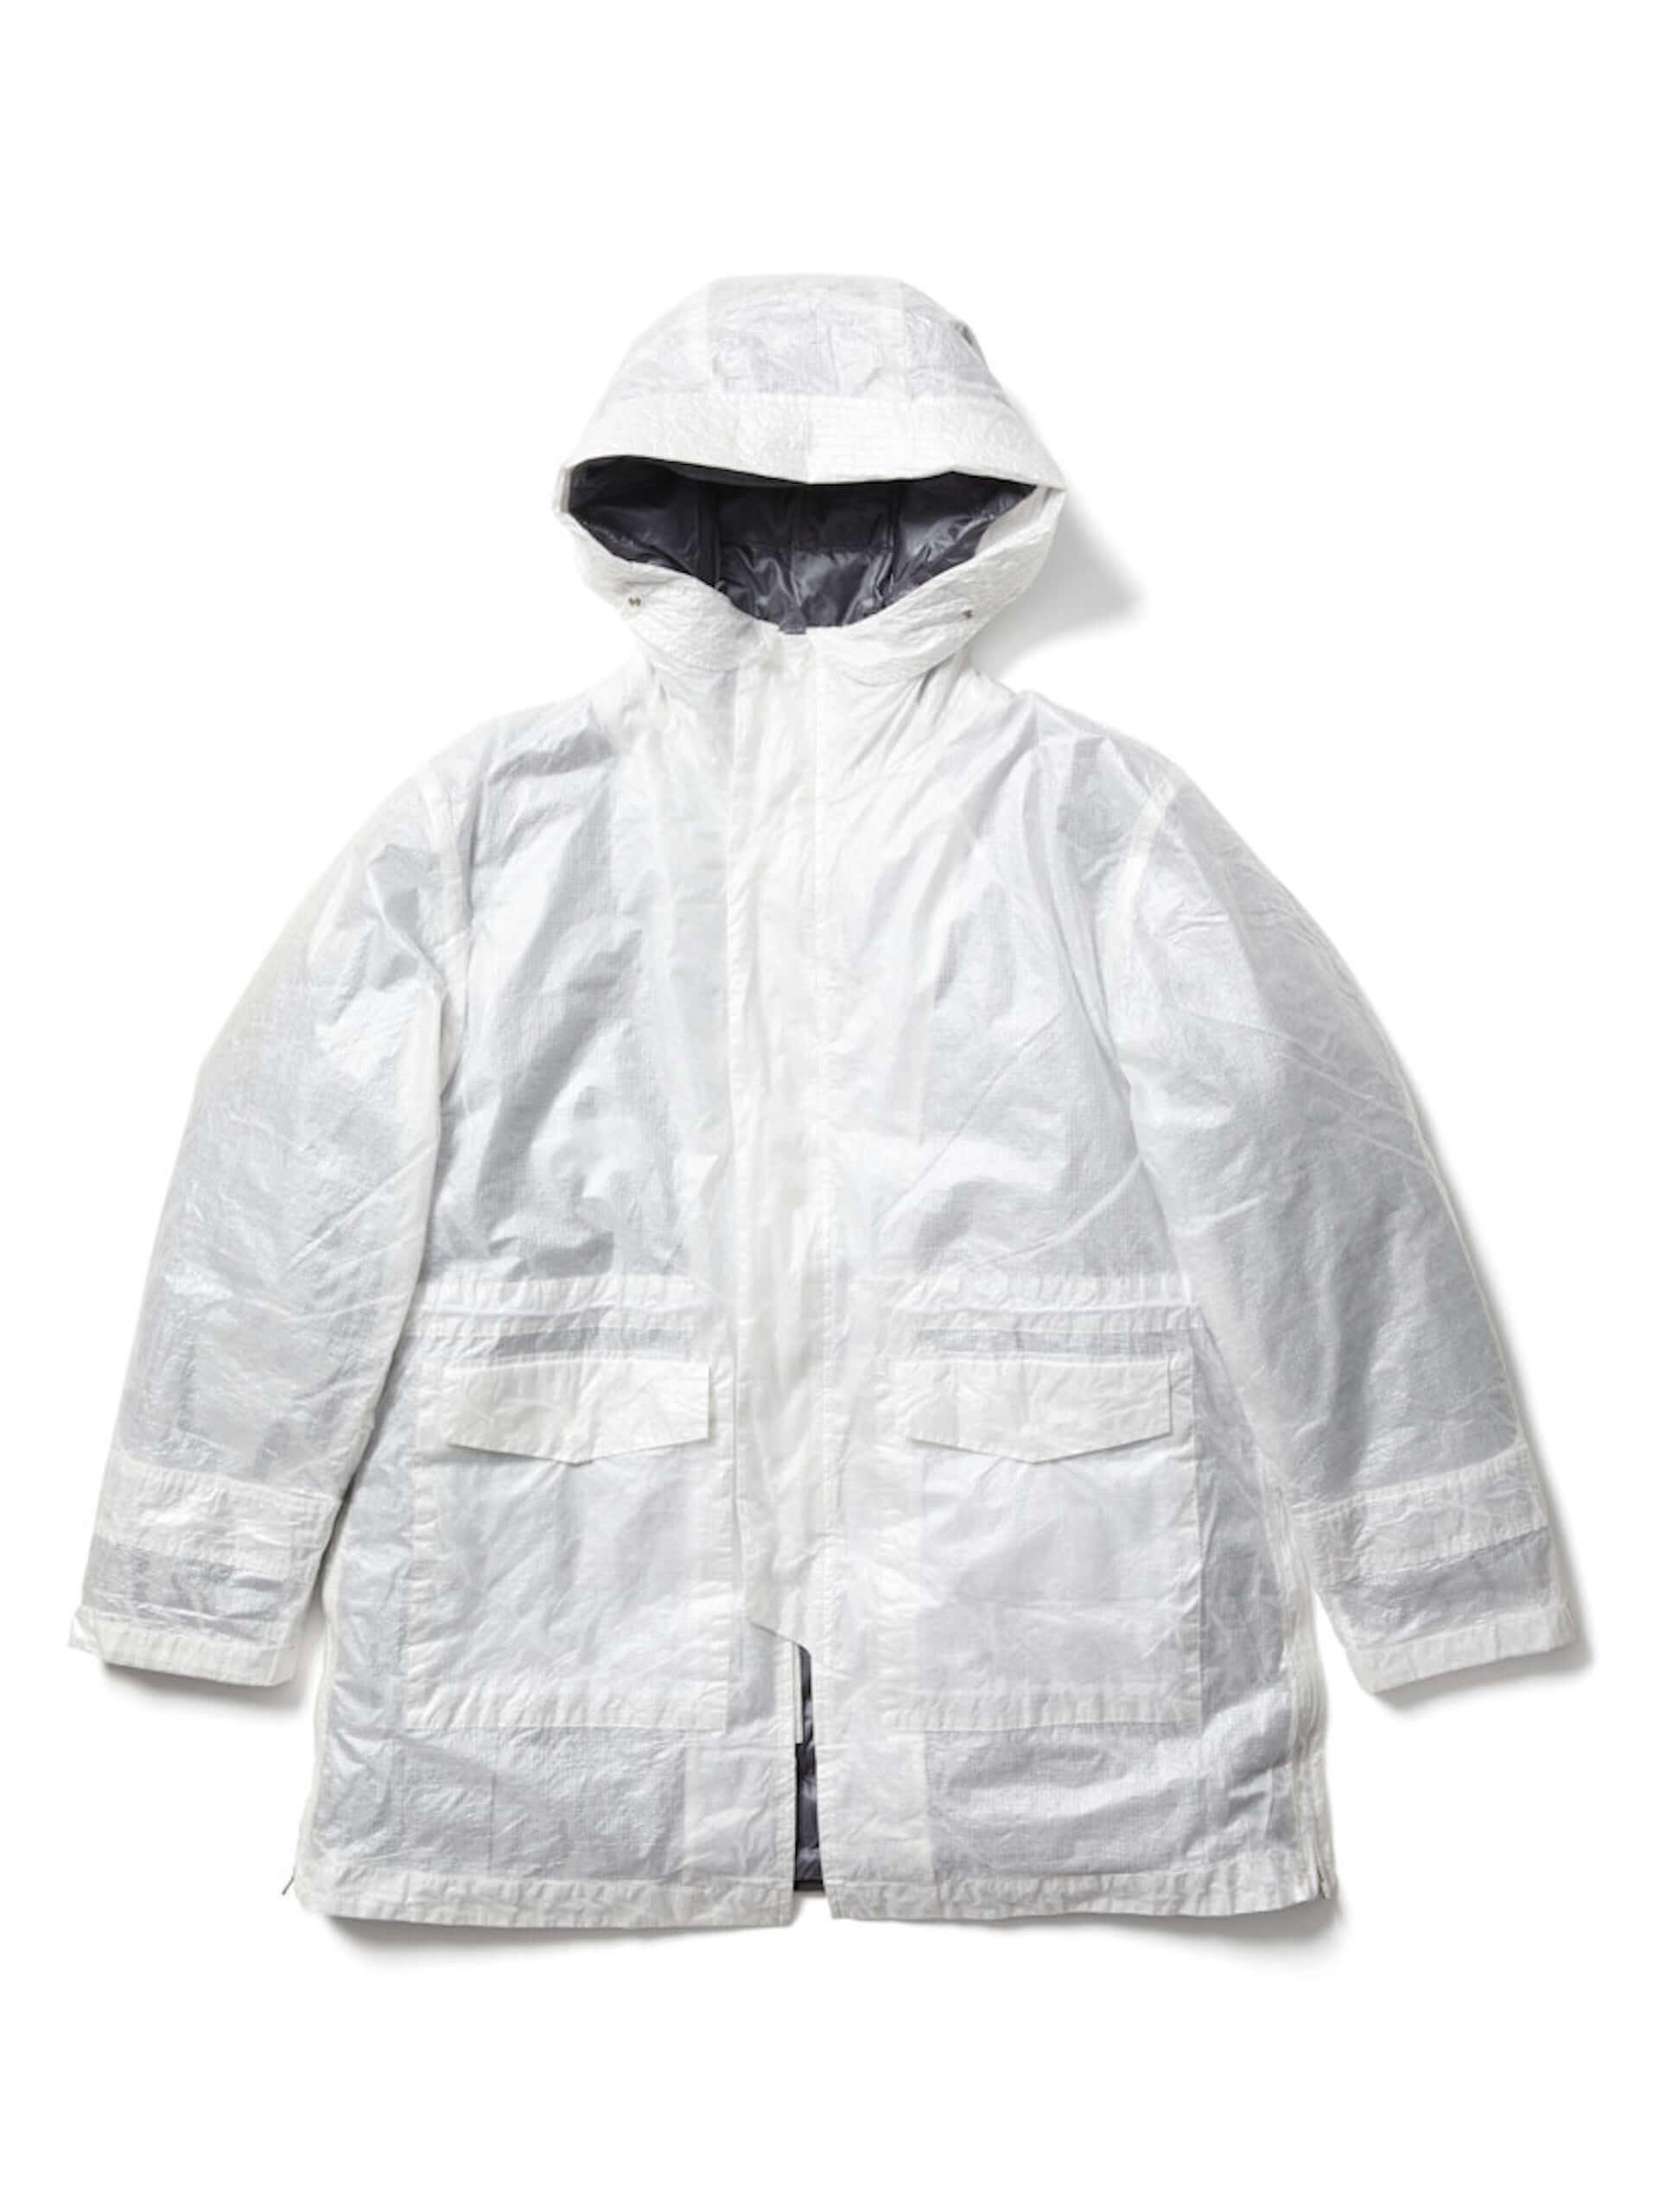 フィッシングにも最適!D-VECから防寒性に優れたジャケットやベスト、パーカーなど最新アイテムが登場 lf210107_d-vec_11-1920x2560